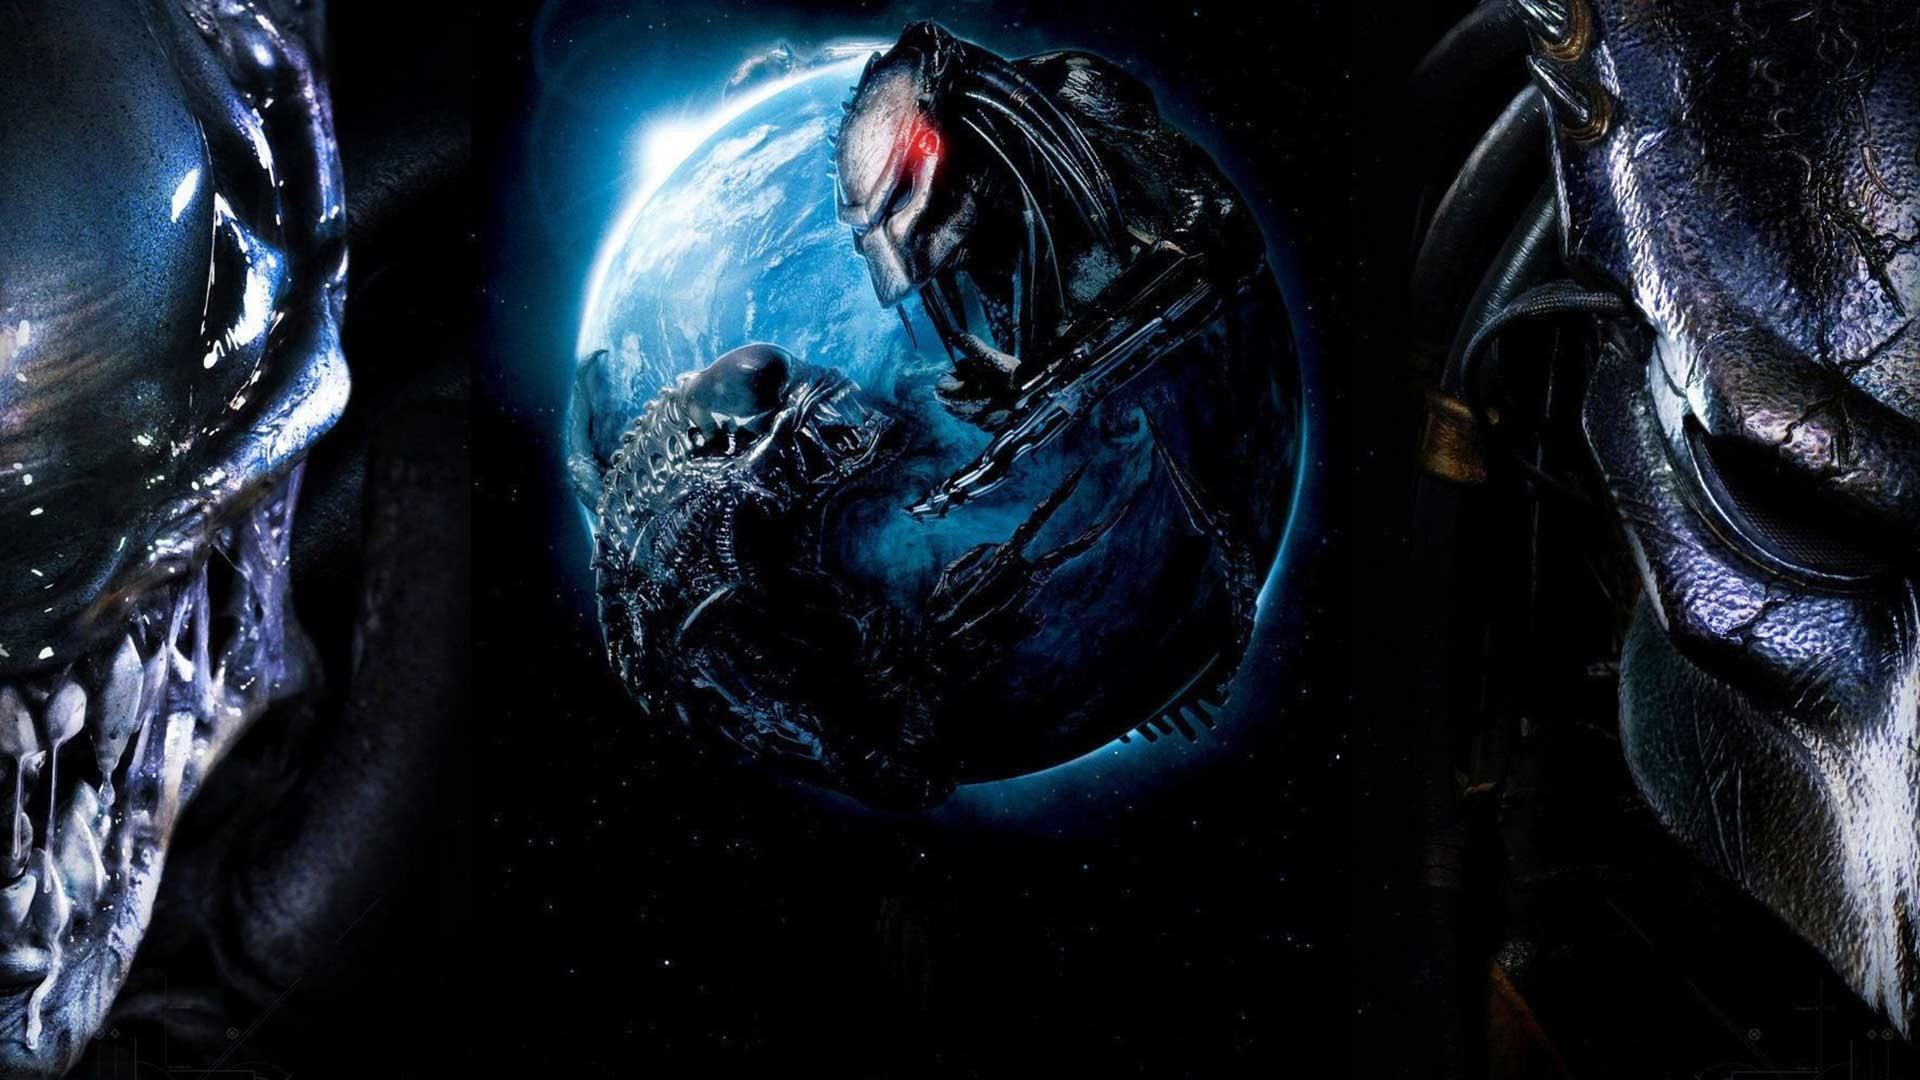 Res: 1920x1080, Alien VS Predator Movie Wallpaper